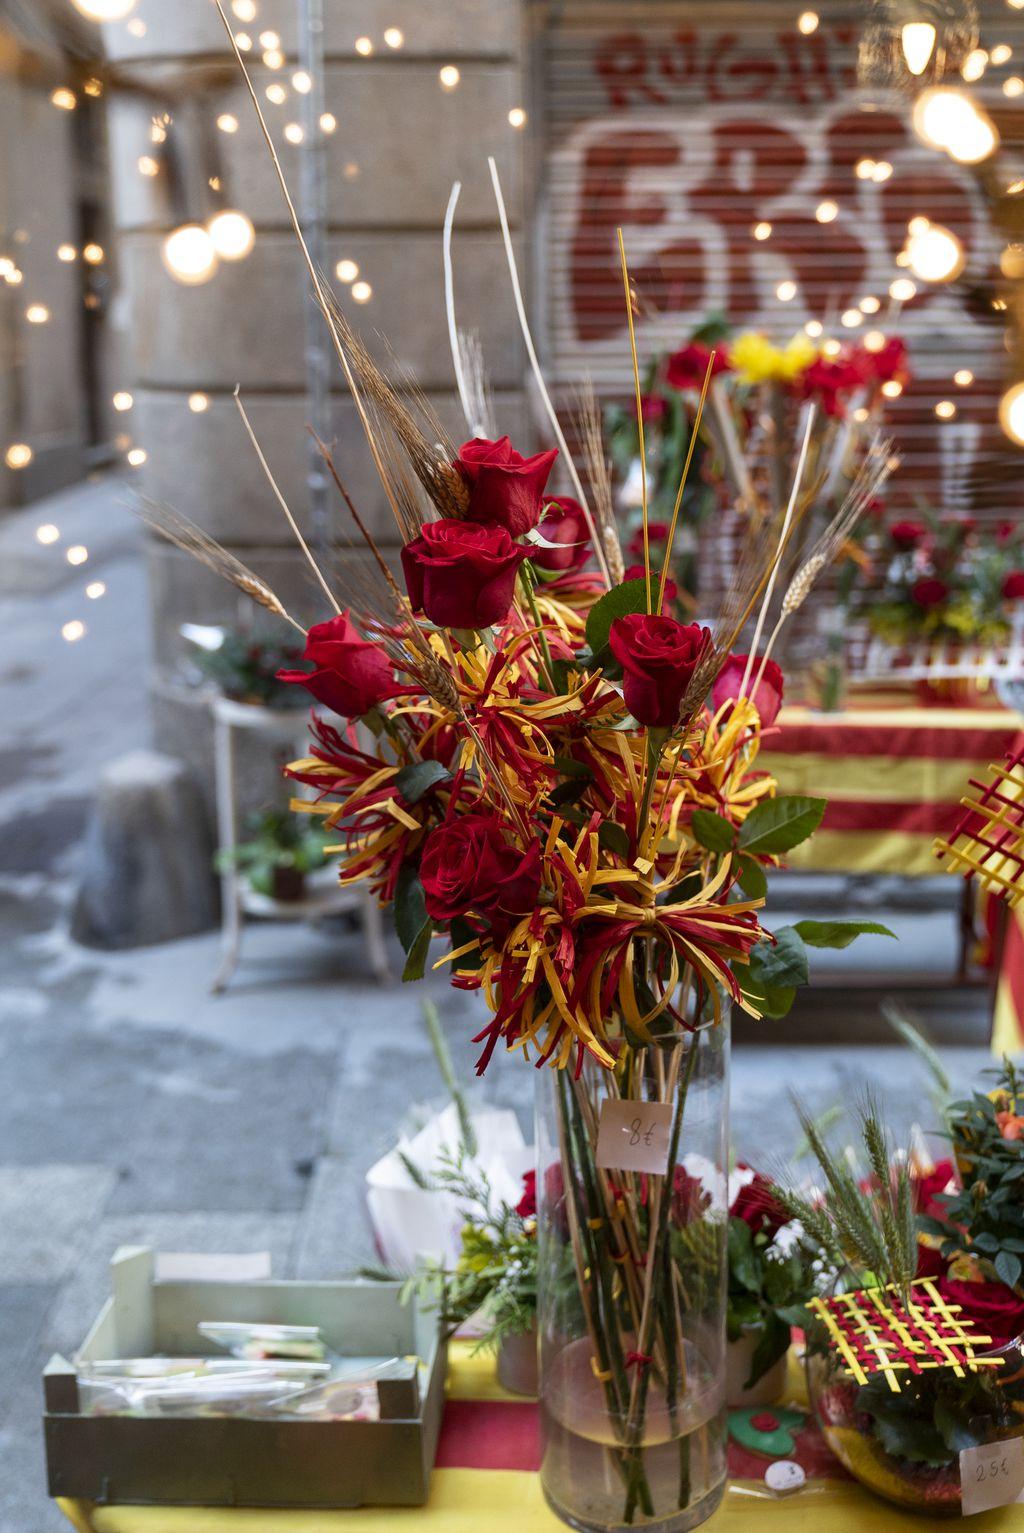 Roses en un gerro i centres amb roses a l'aparador d'una floristeria el dia de Sant Jordi